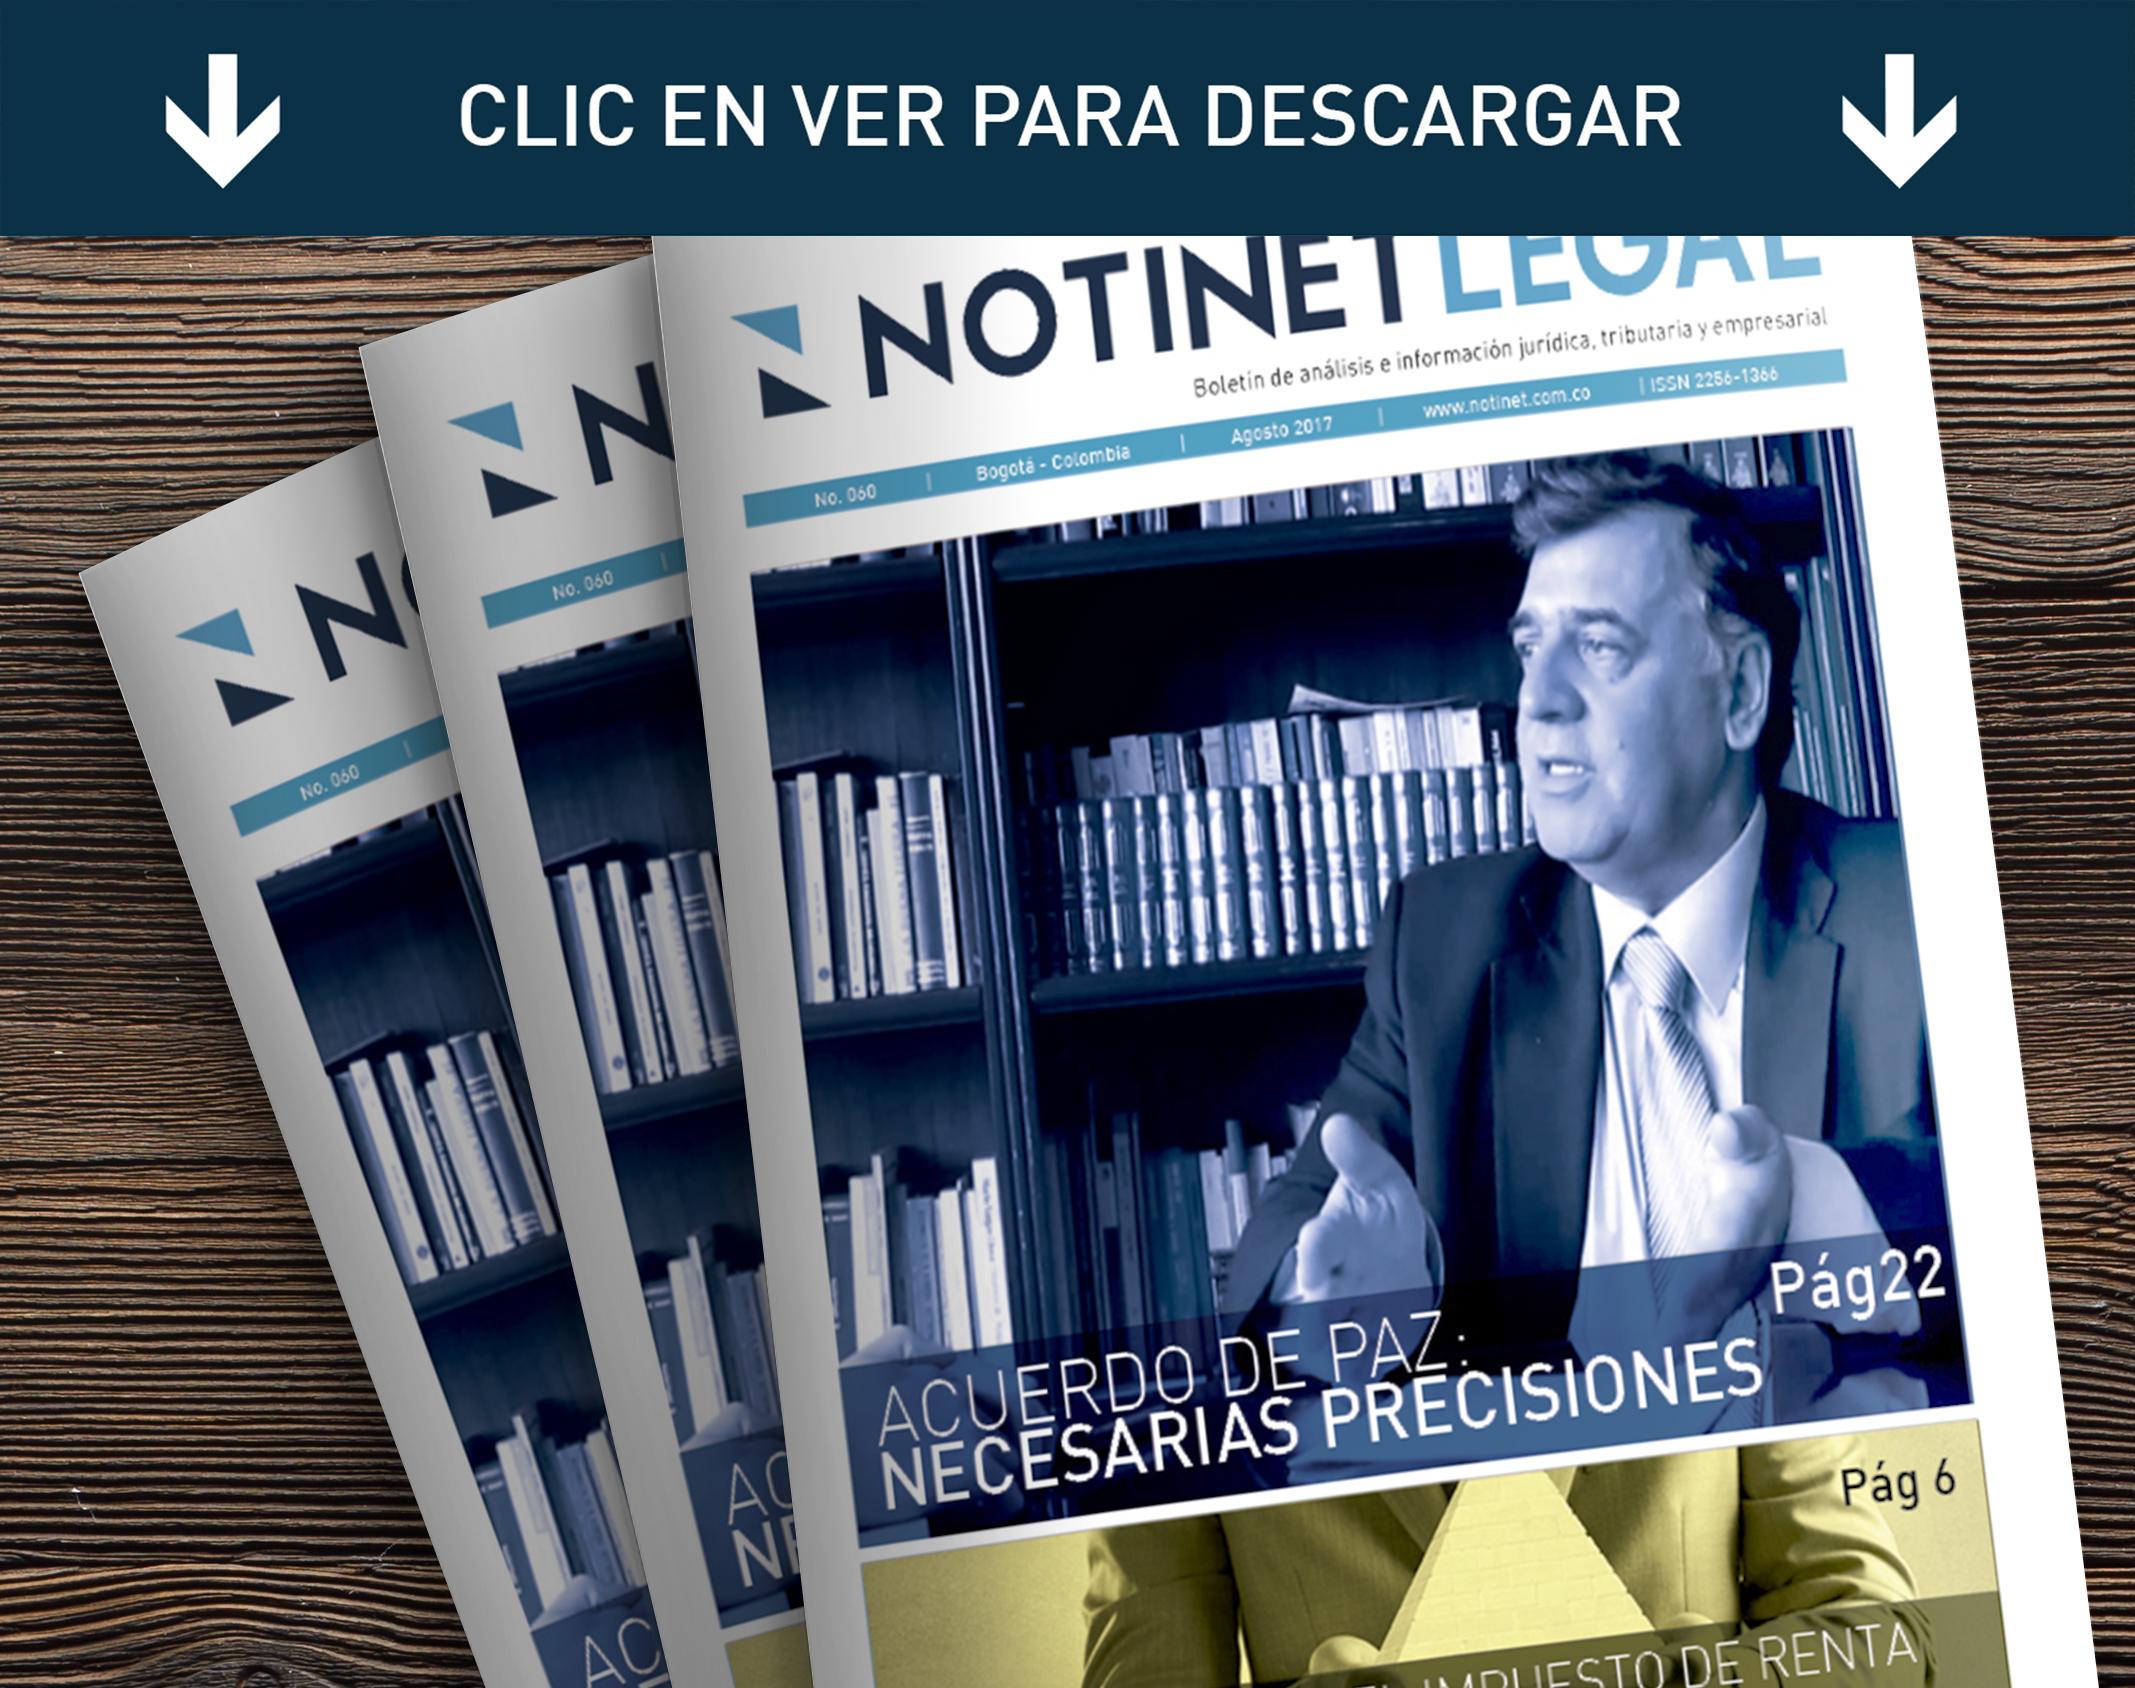 Notinet Legal - Aquel que no conoce su historia está